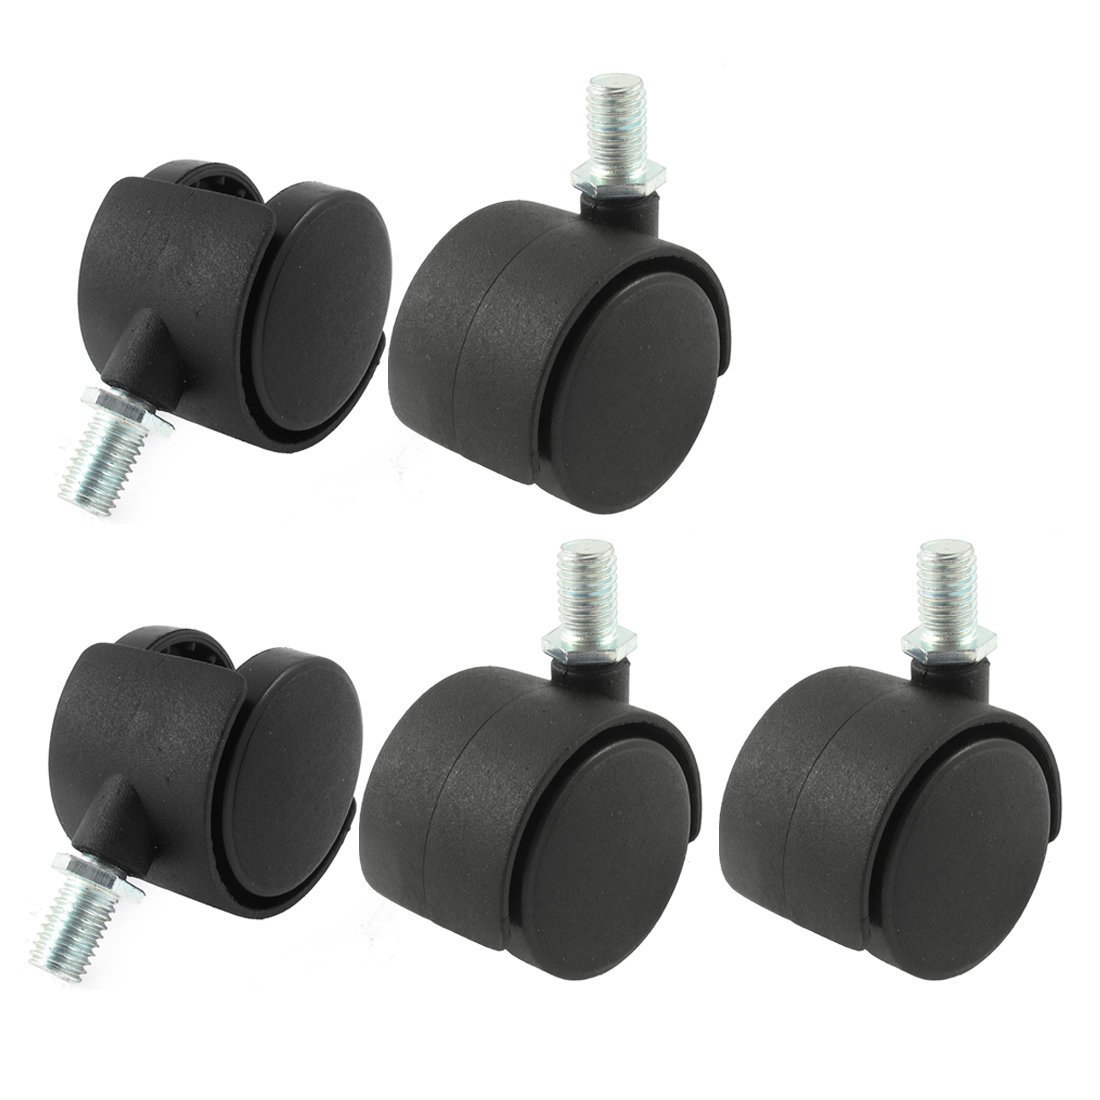 SODIAL R 5 piezas ruedas giratorias de sillas de ruedas de 2 pulgadas de diametro de 10 mm con rosca del vastago de color negro Rueda giratoria de sillas de ruedas